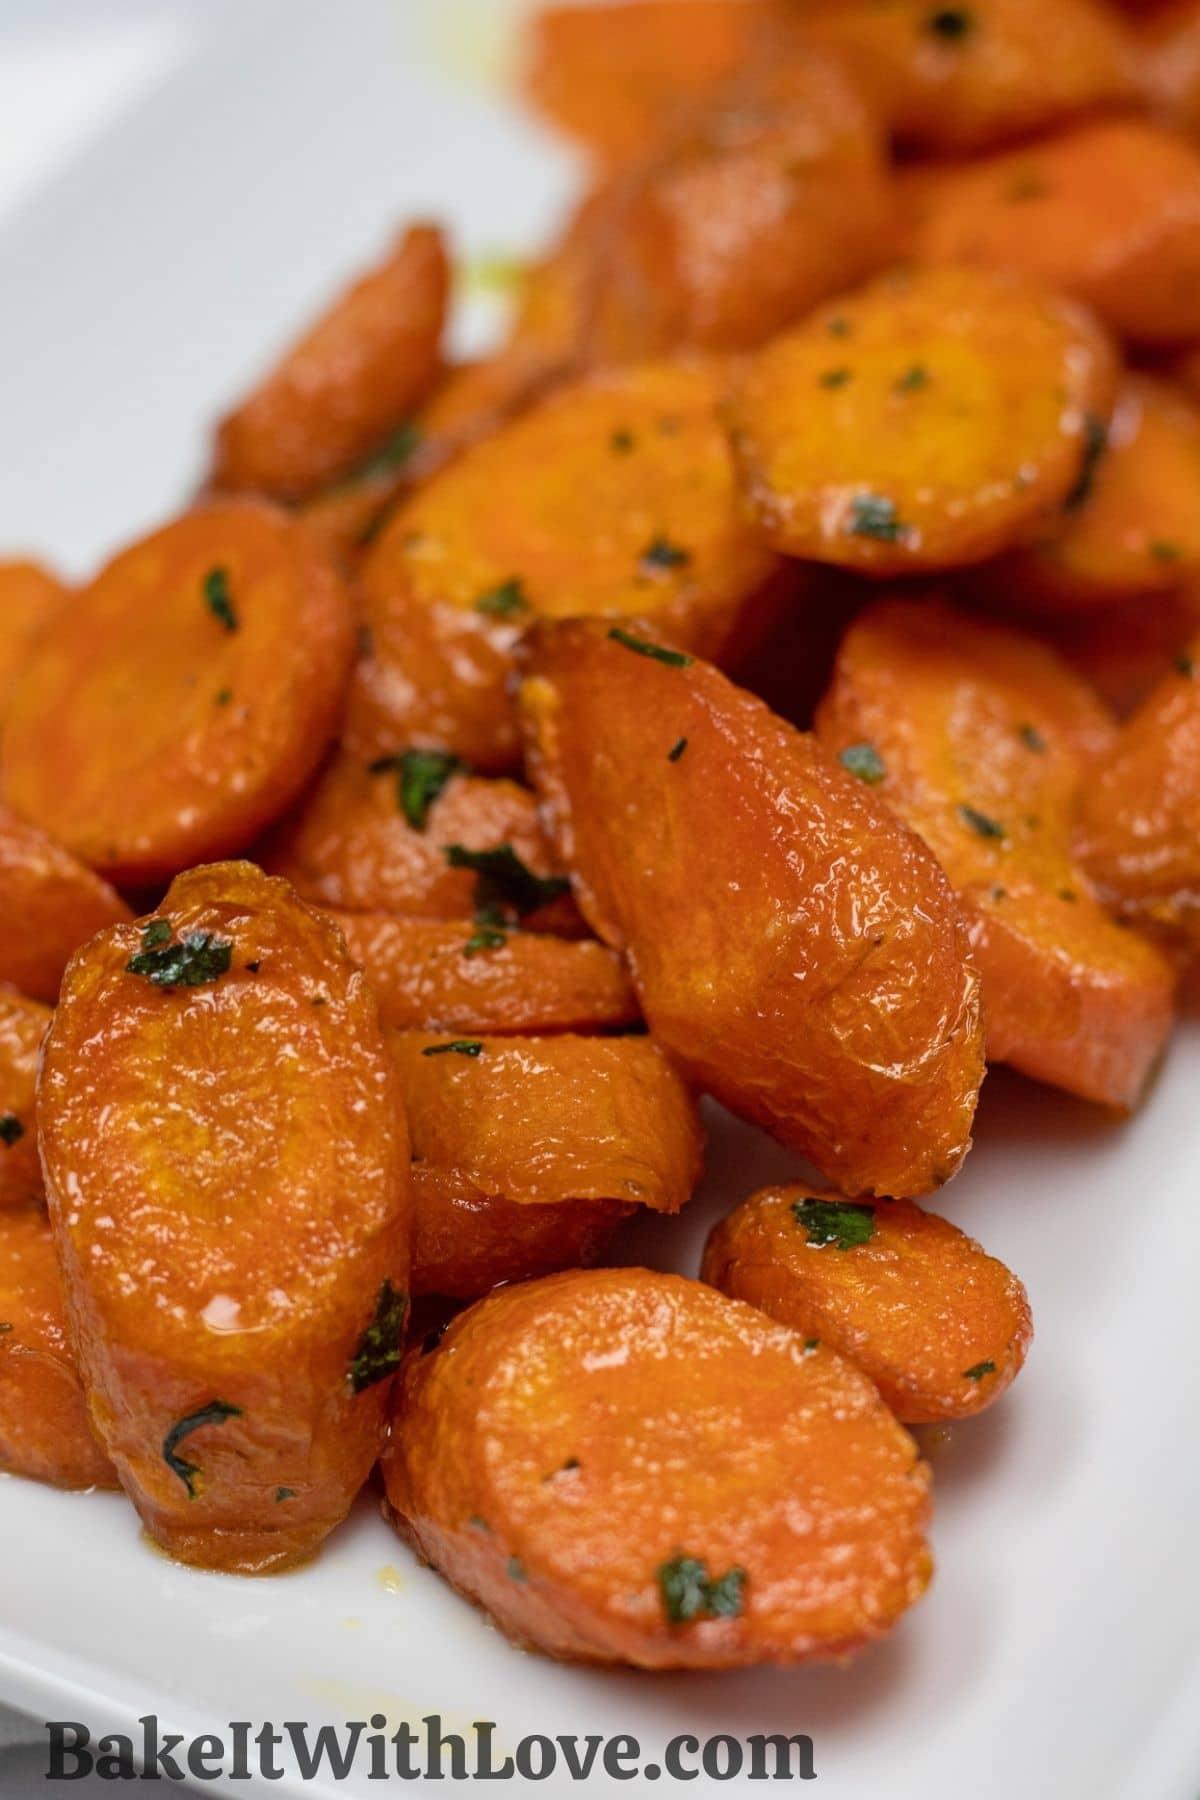 Kolay fritöz havuçları, mükemmellik için pişirilir ve beyaz bir tabakta servis edilir.